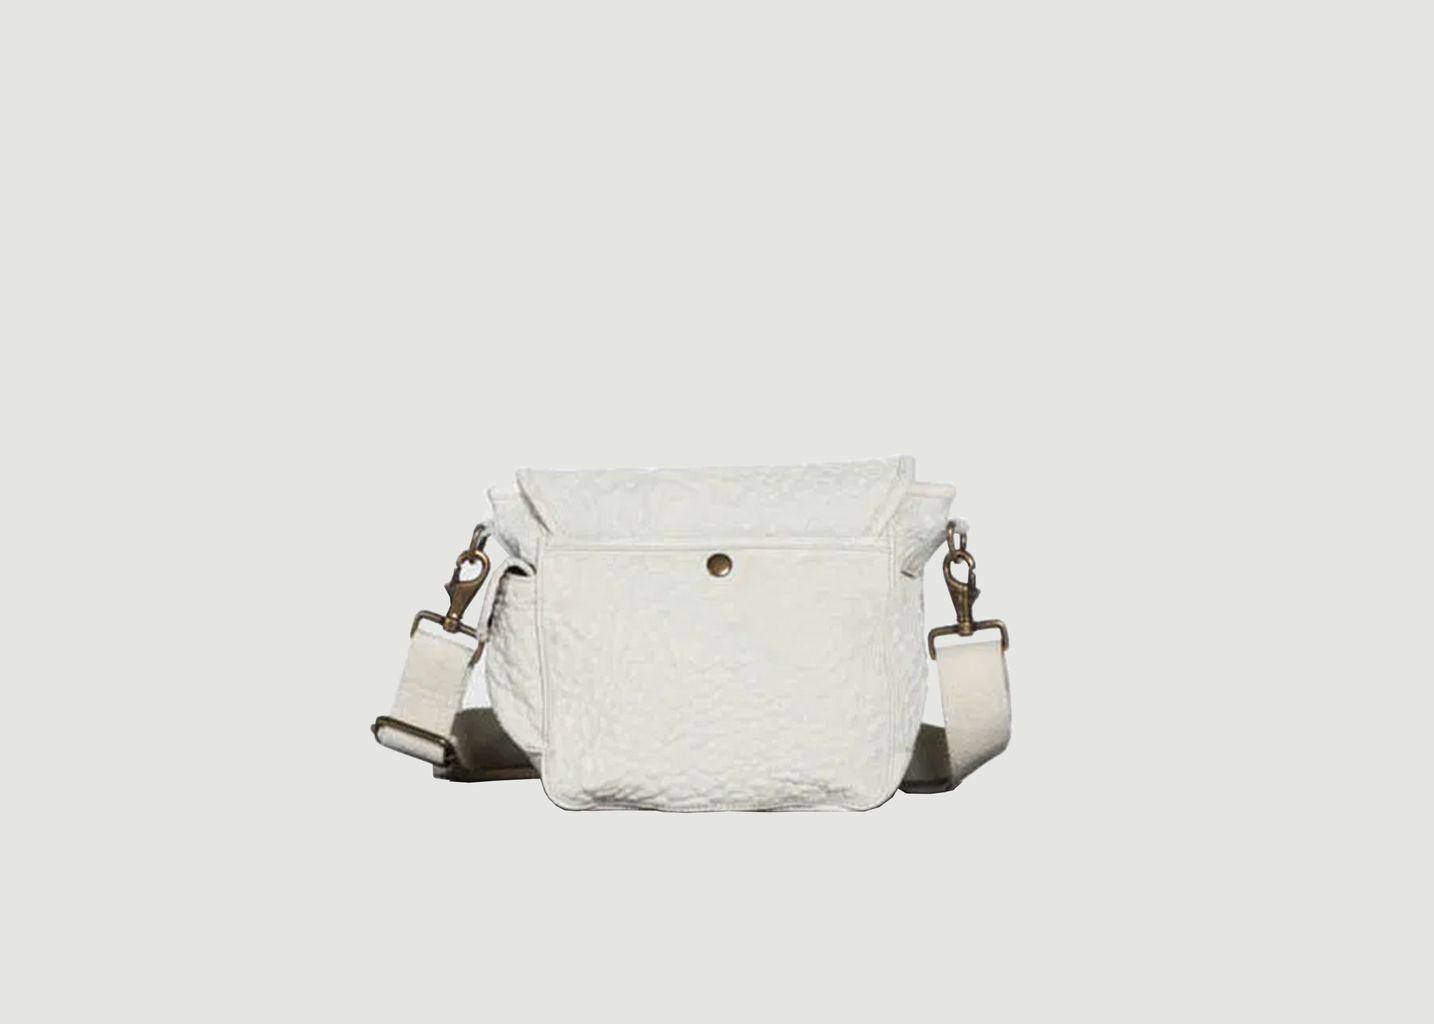 Petit sac en cuir bubble - SAC US